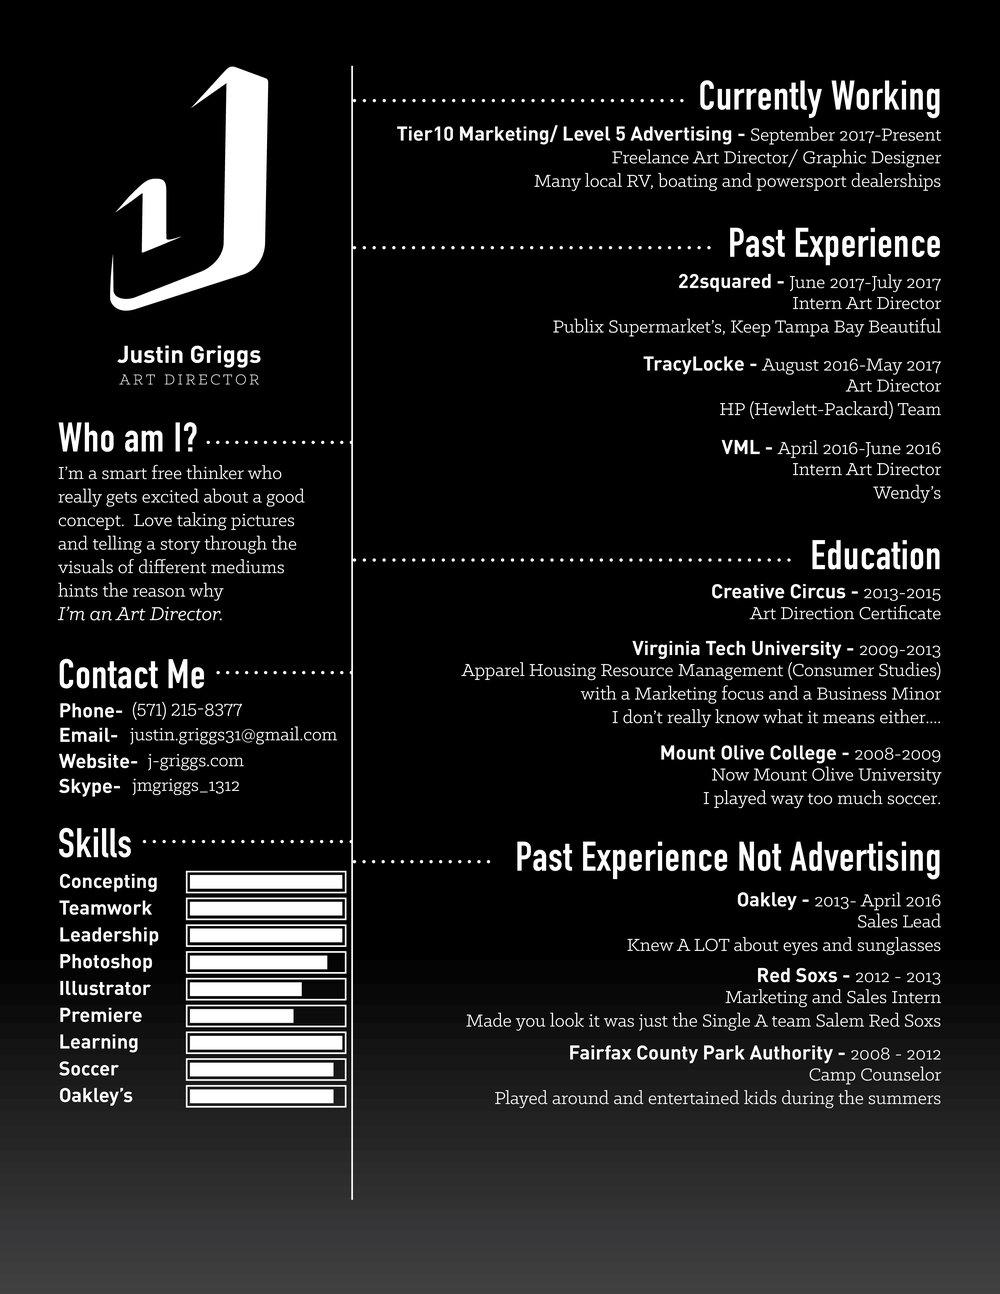 Justin Griggs (Black).jpg